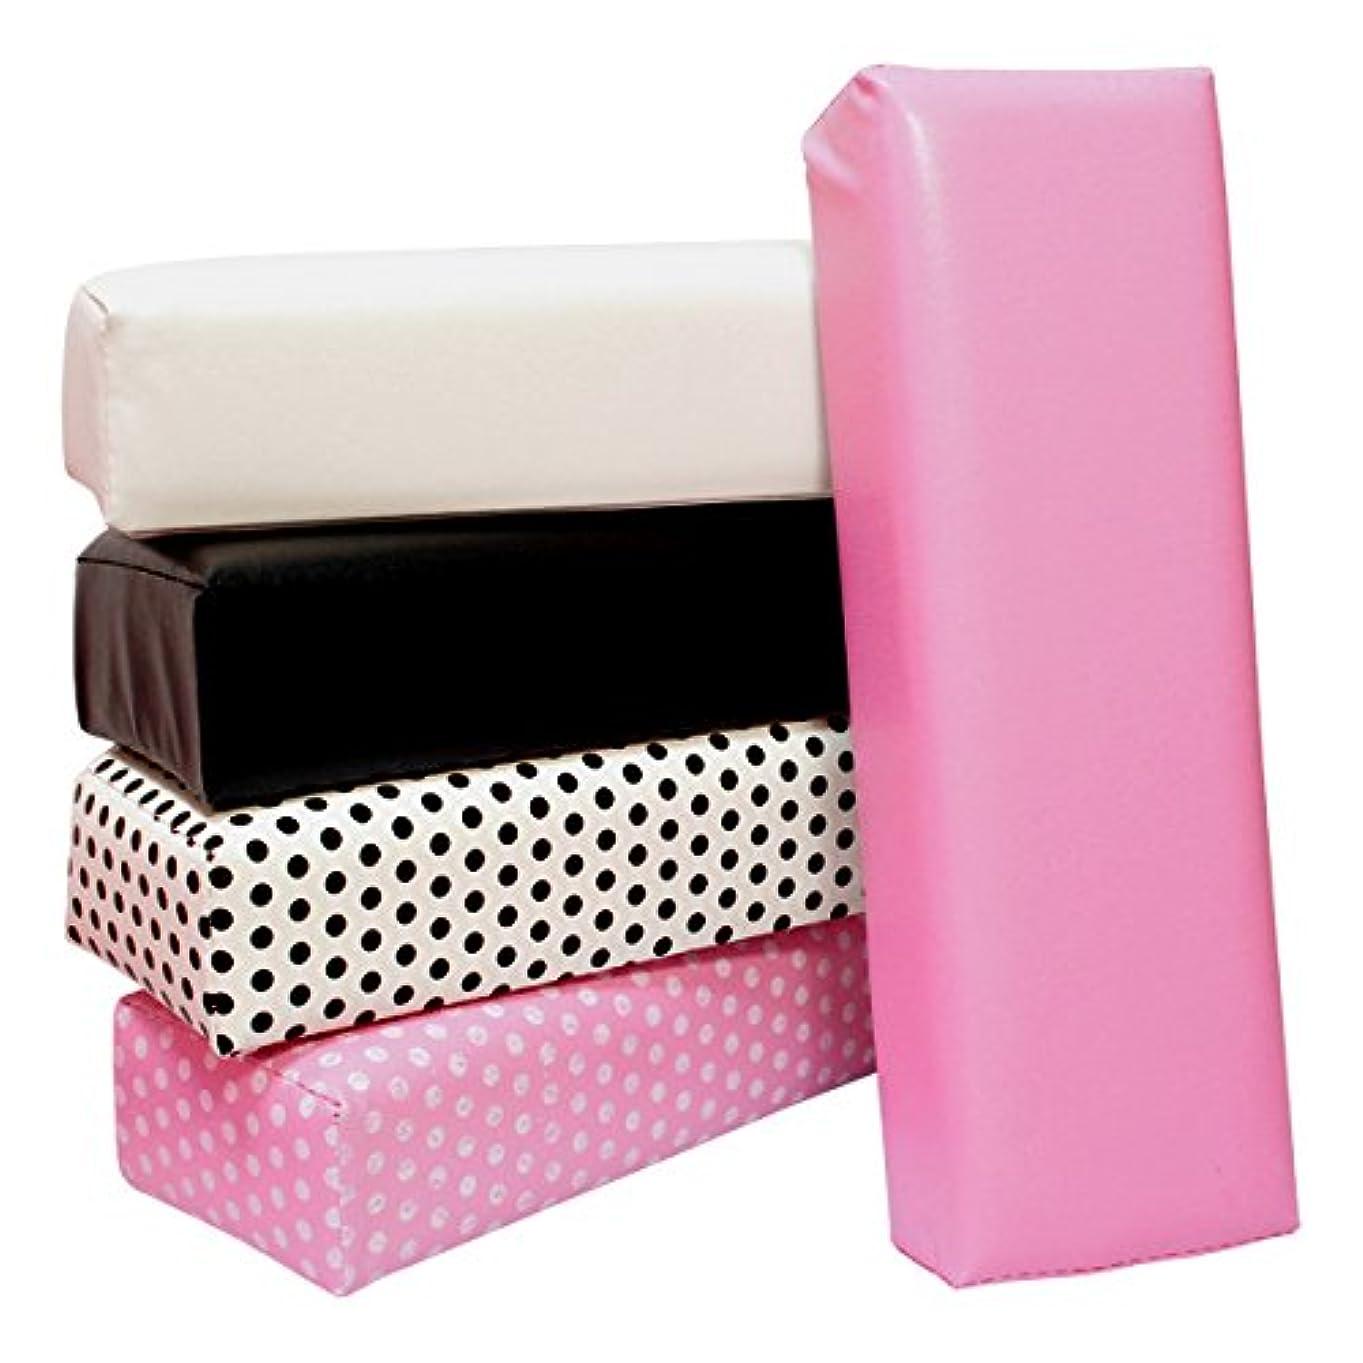 未知の再び猛烈なアームレスト ネイル用 手の枕ピンク ネイルアート ハンドピロー ジェルネイルまくら 練習用にも